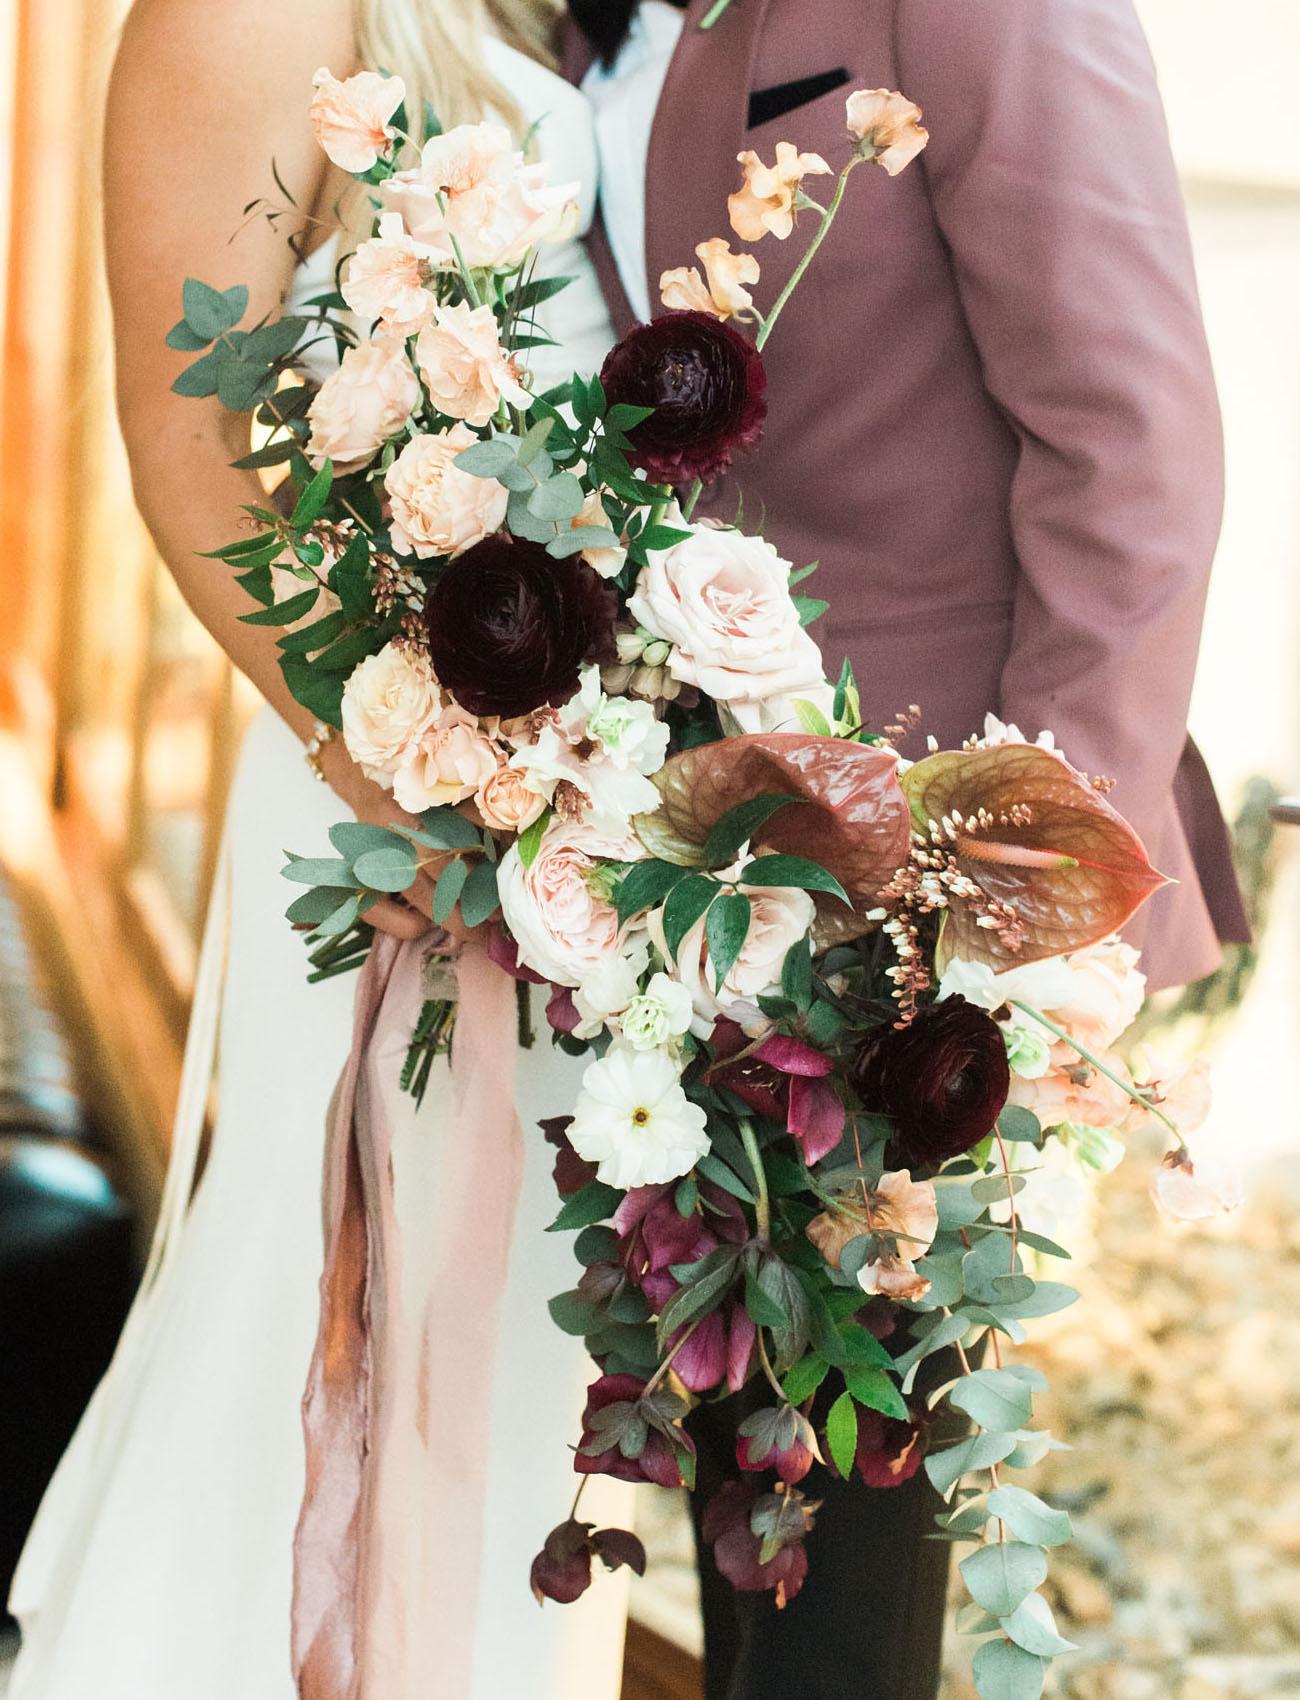 blush and dark bouquet